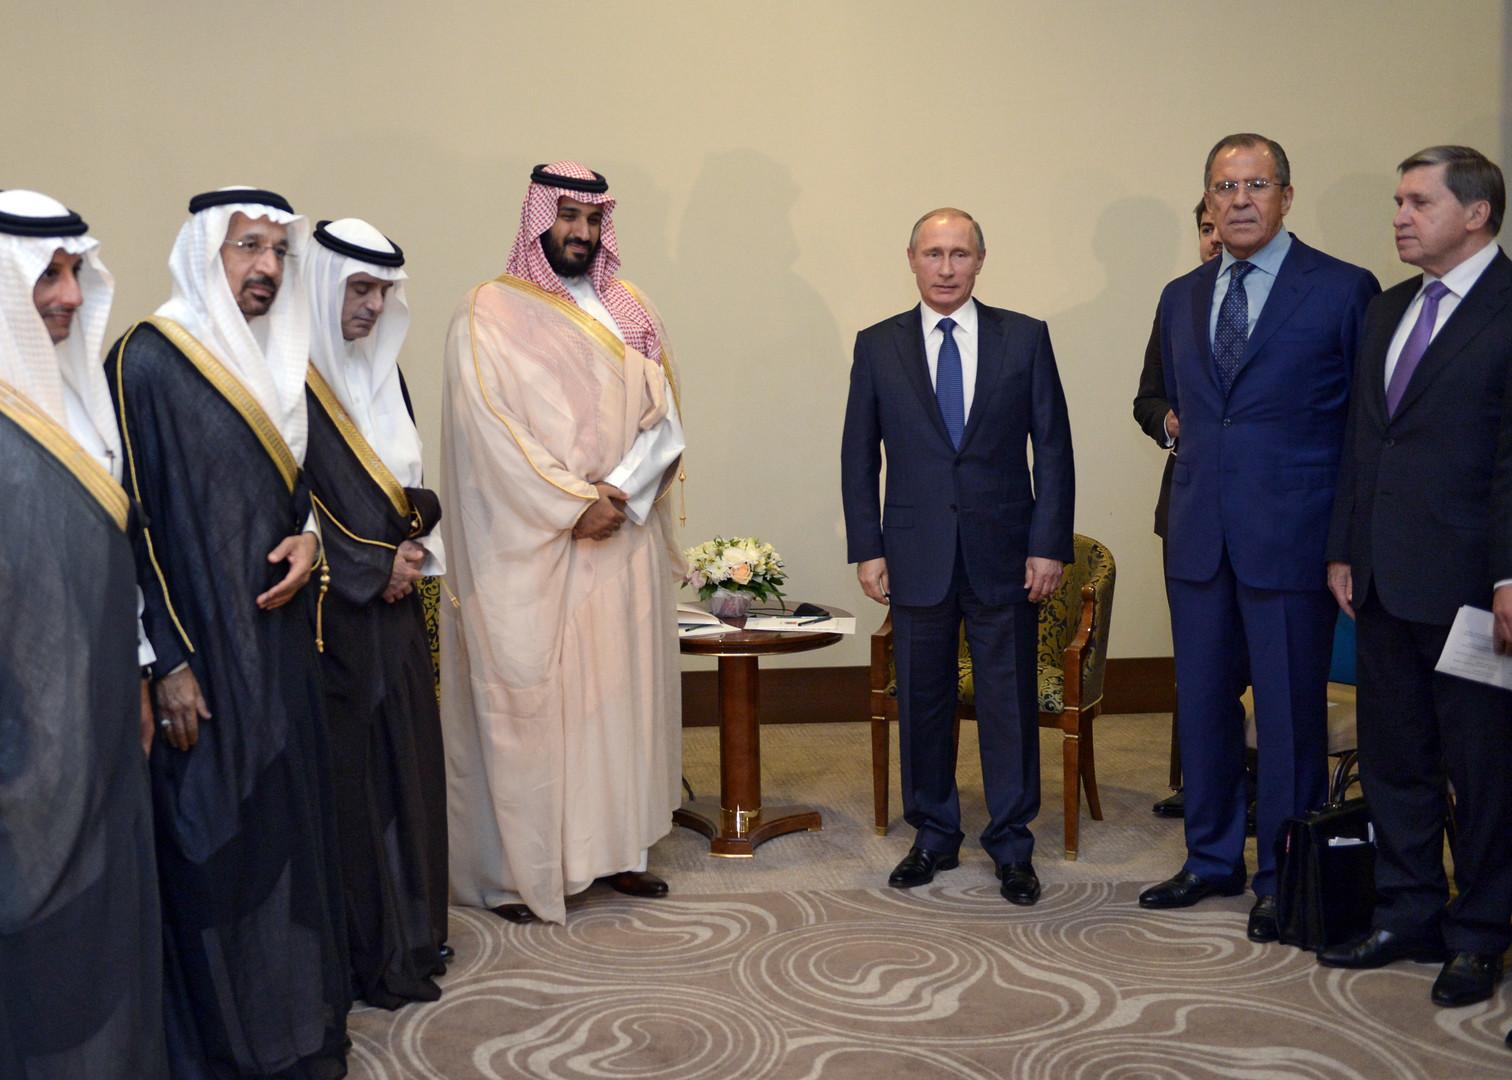 روسيا والسعودية تؤكدان تطابق أهدافهما فيما يتعلق بالأزمة السورية